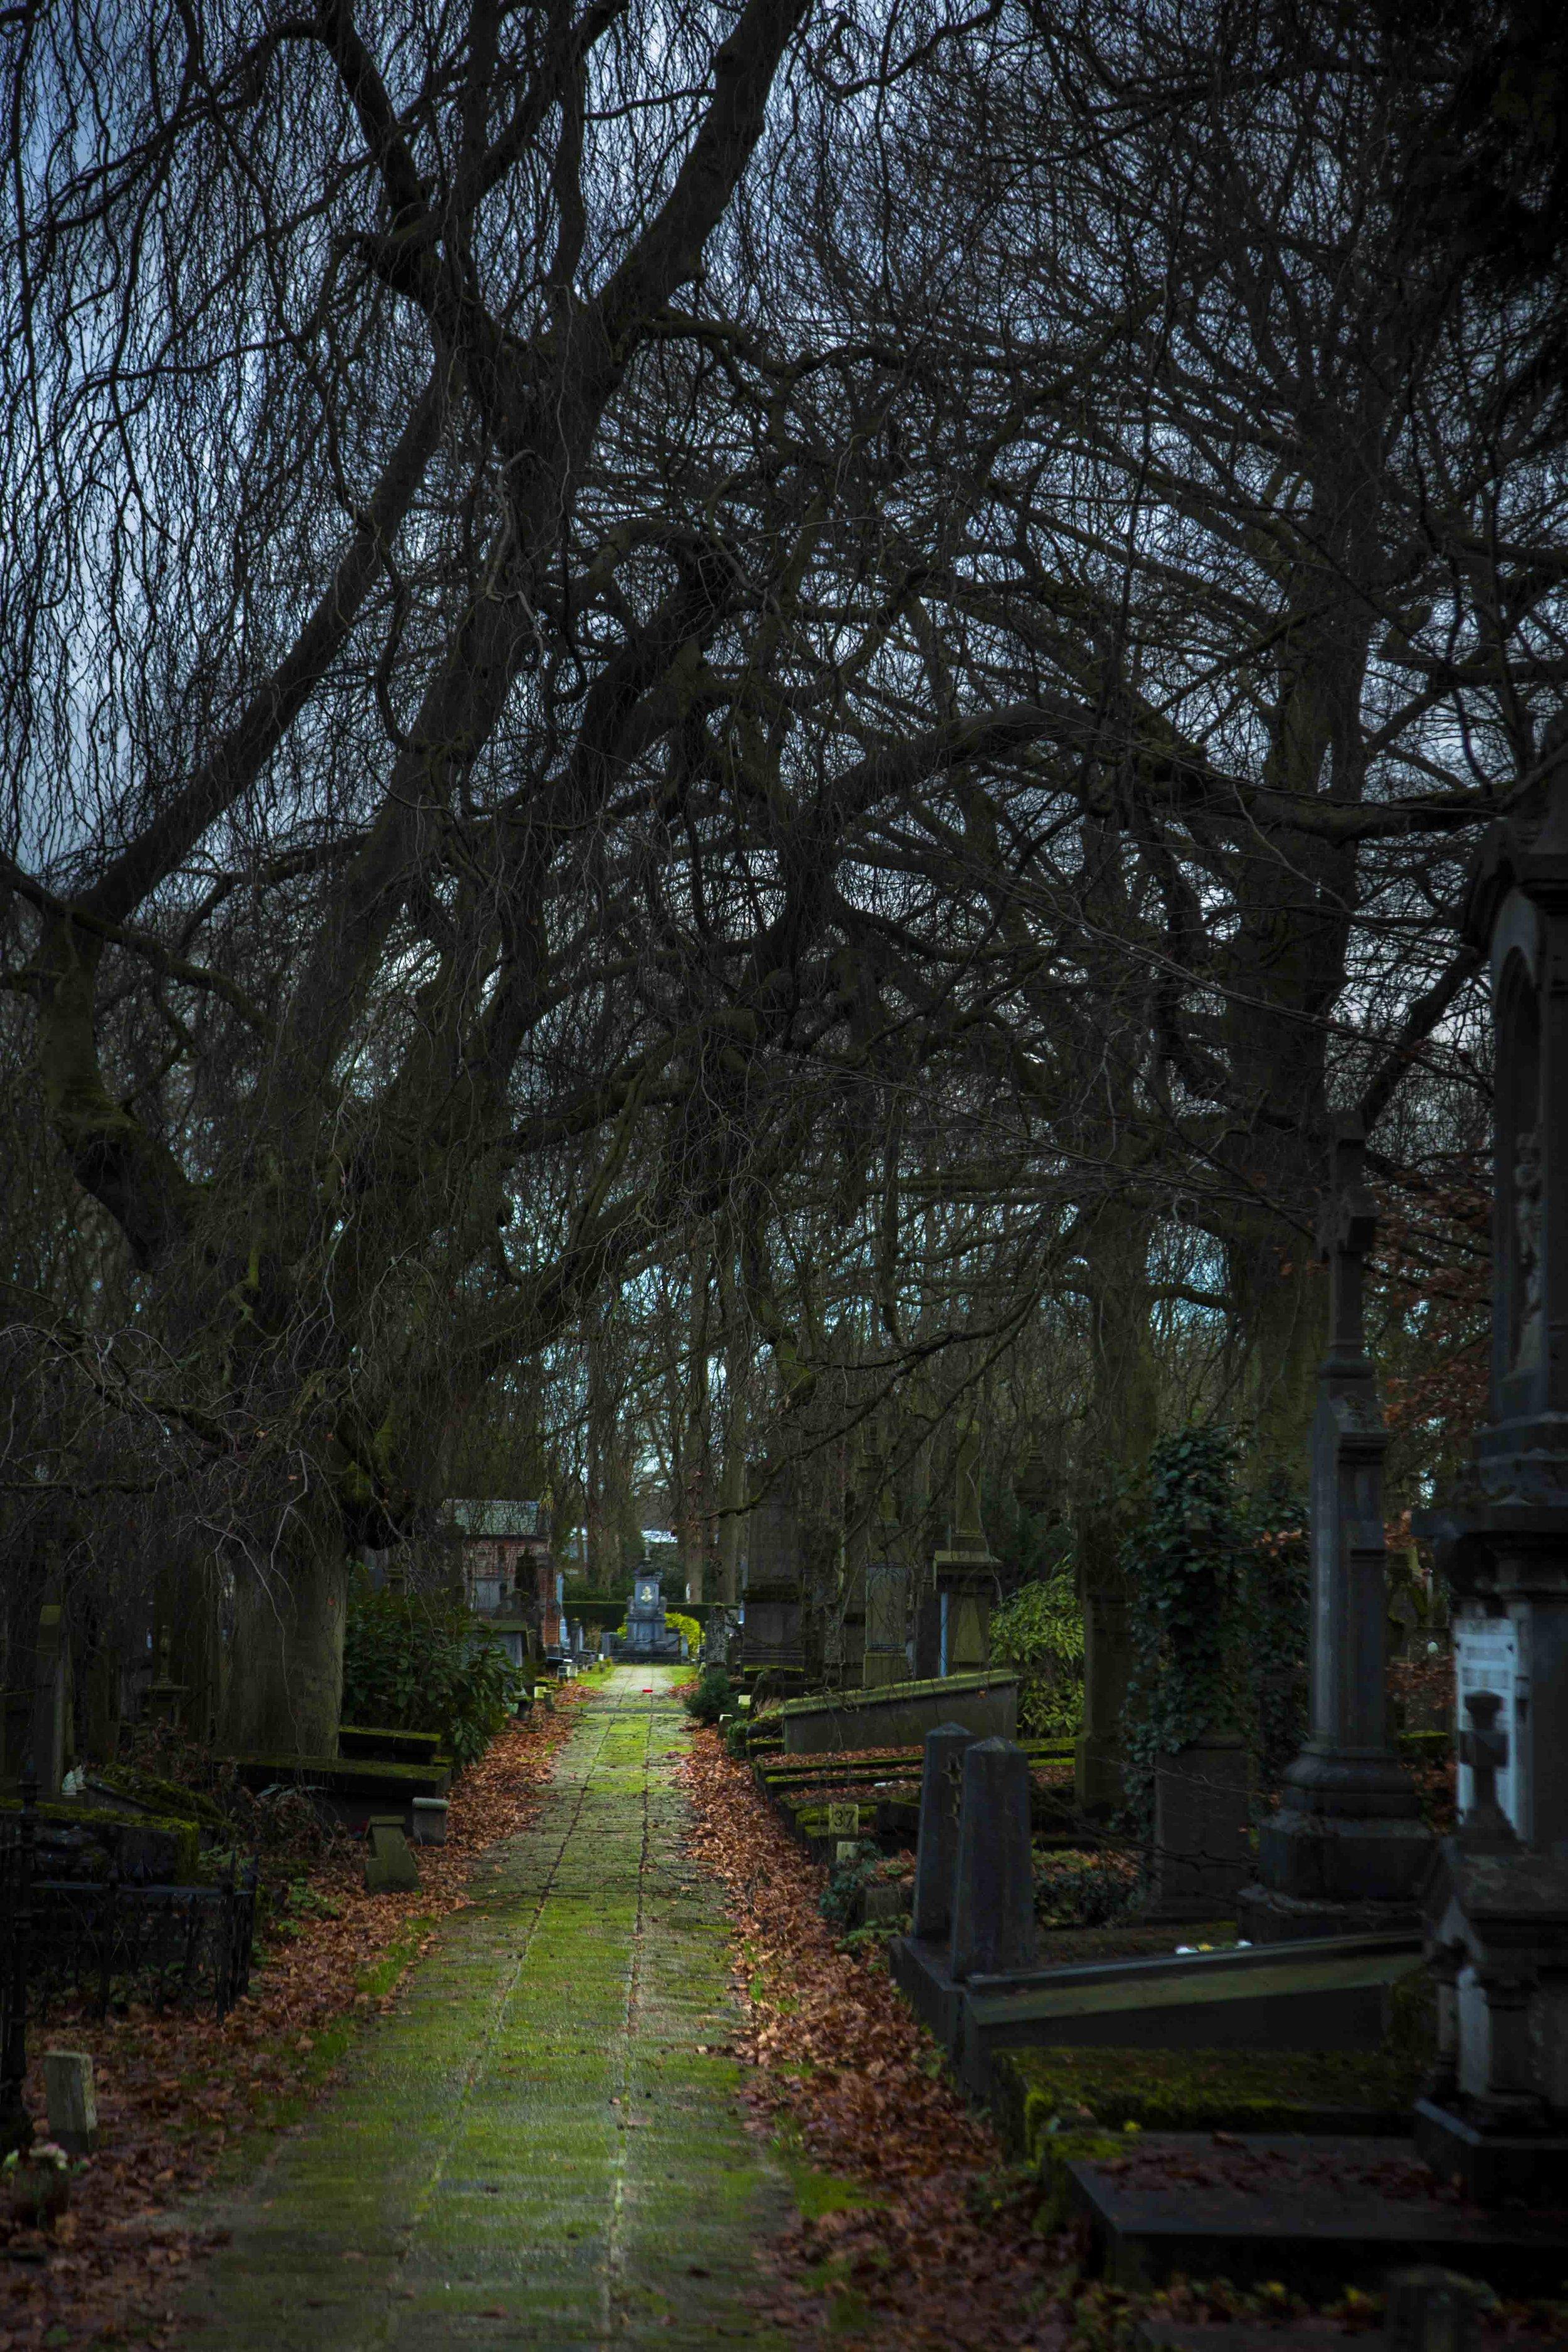 Romantic cemetery in Belgium